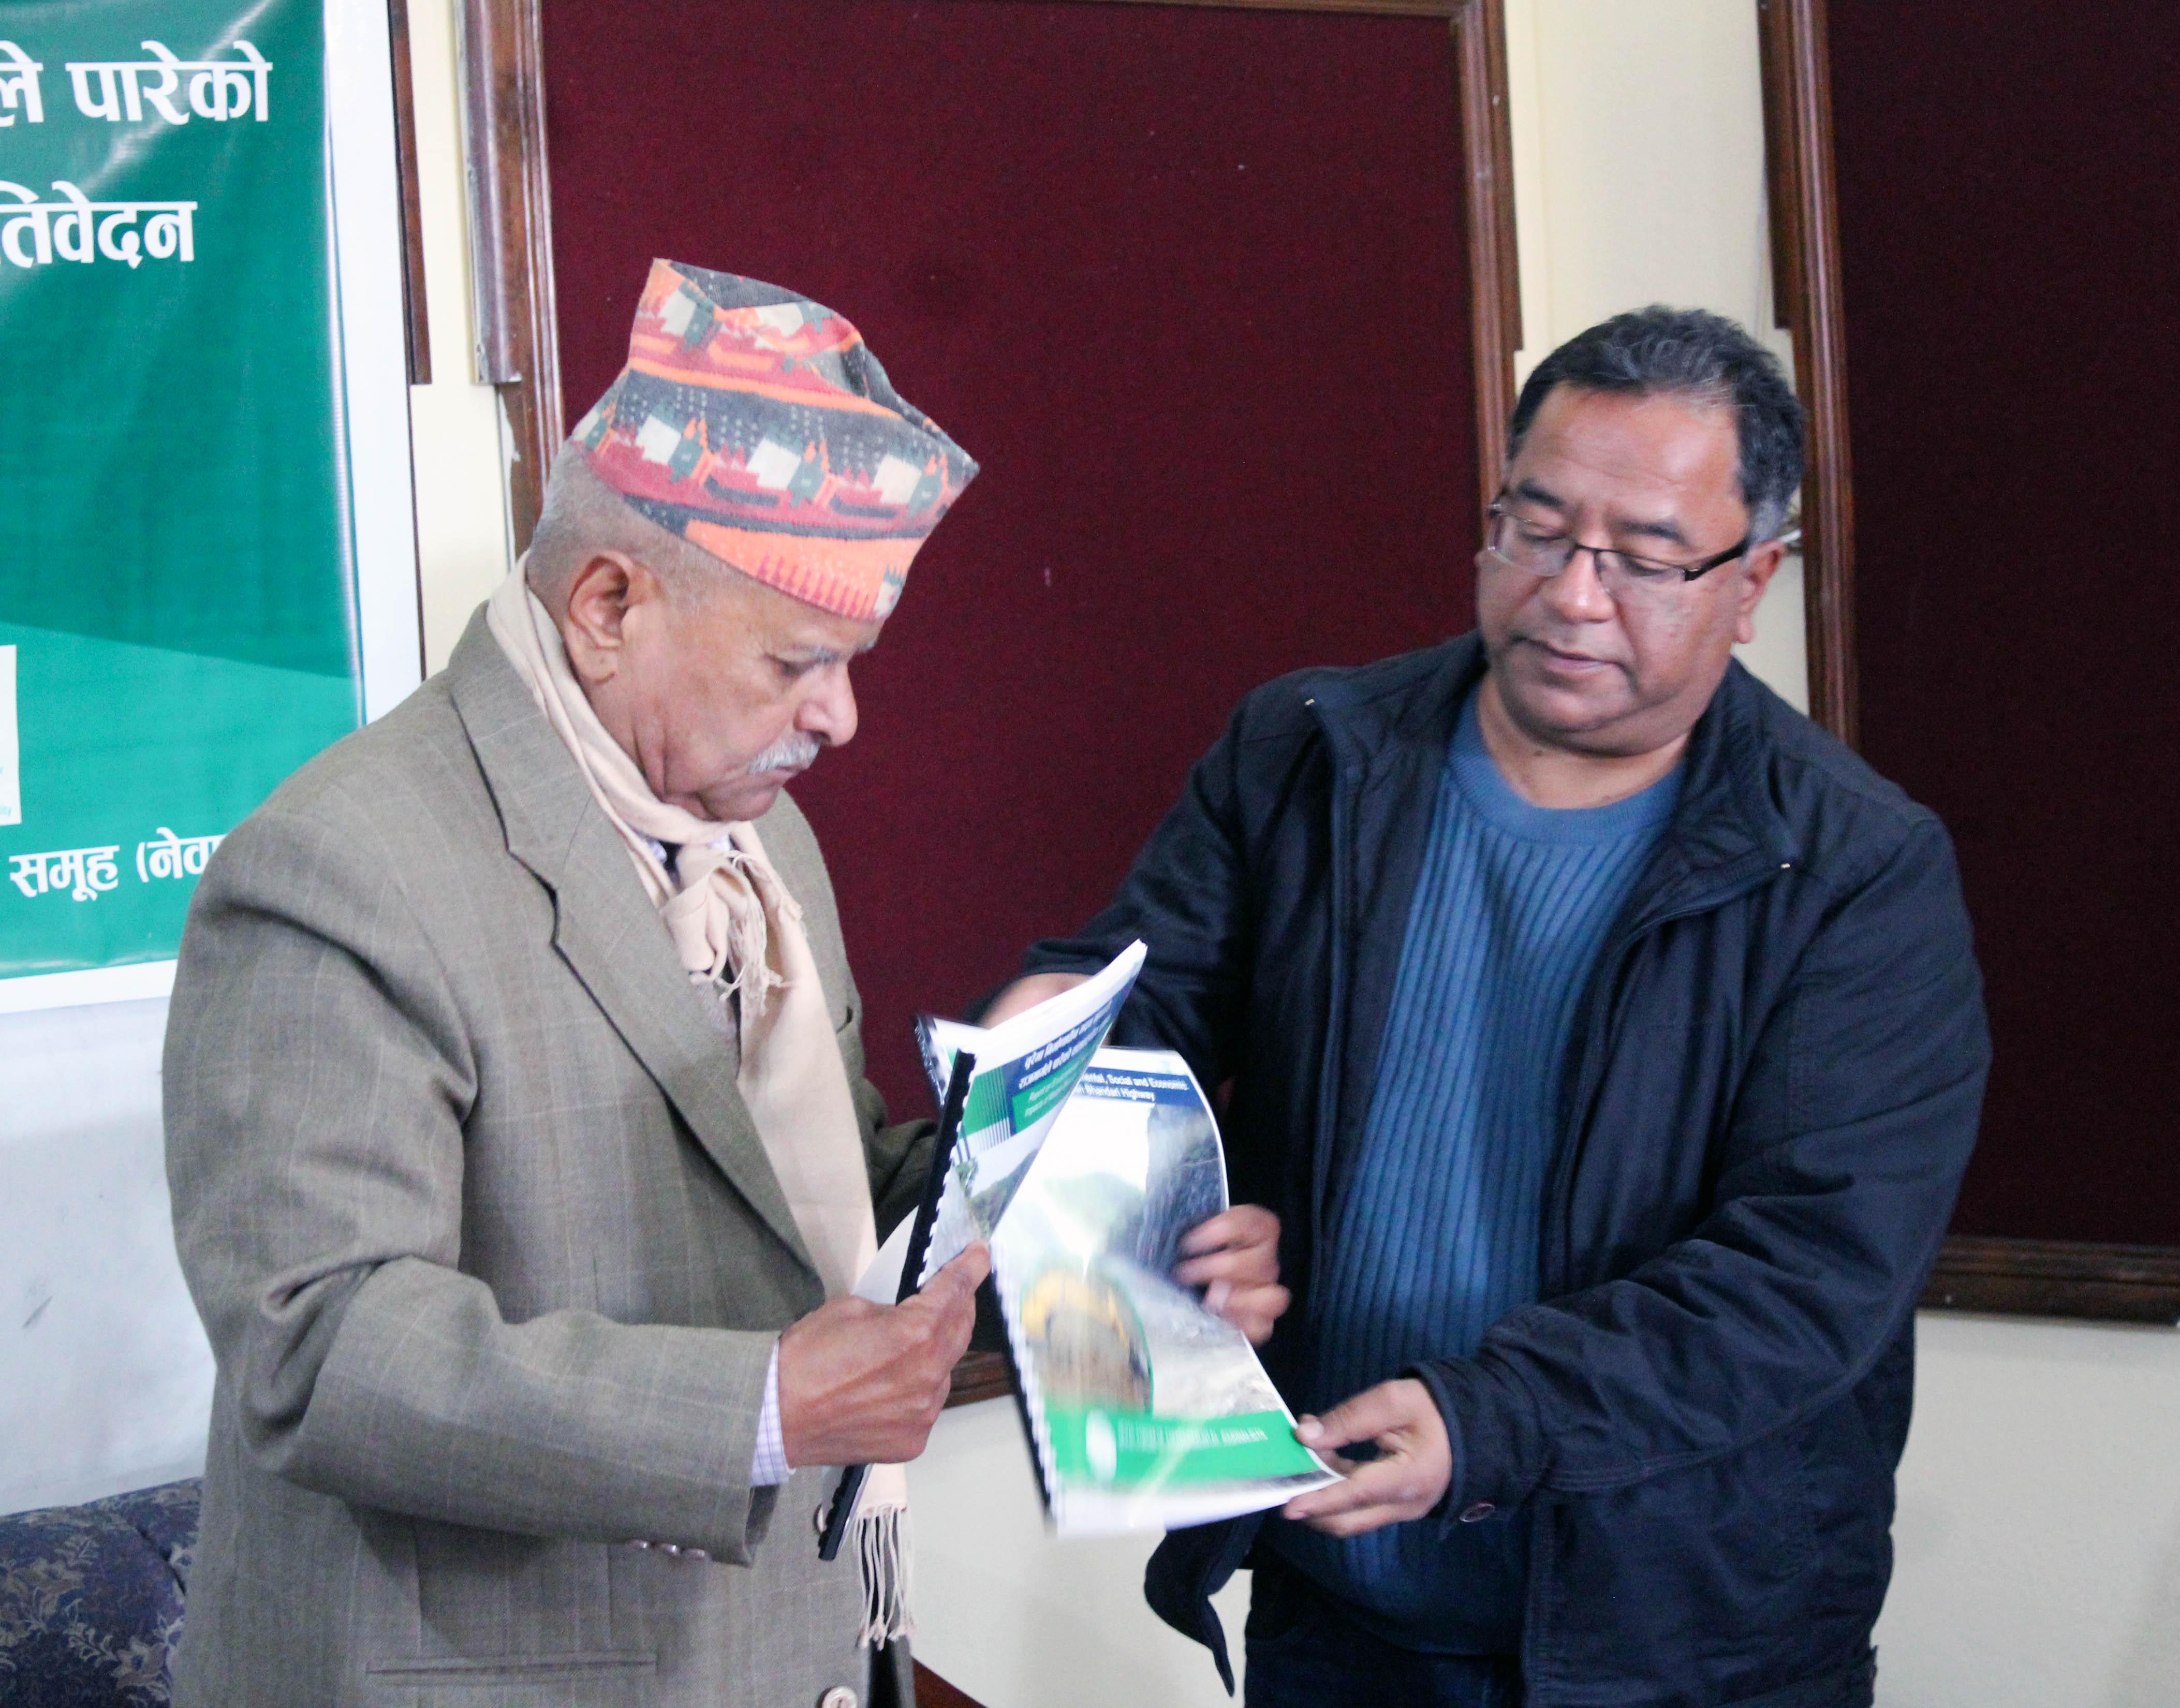 चुरेको छातीमा डोजर चलाउन बन्द गरौंः पुर्वराष्ट्रपति यादव